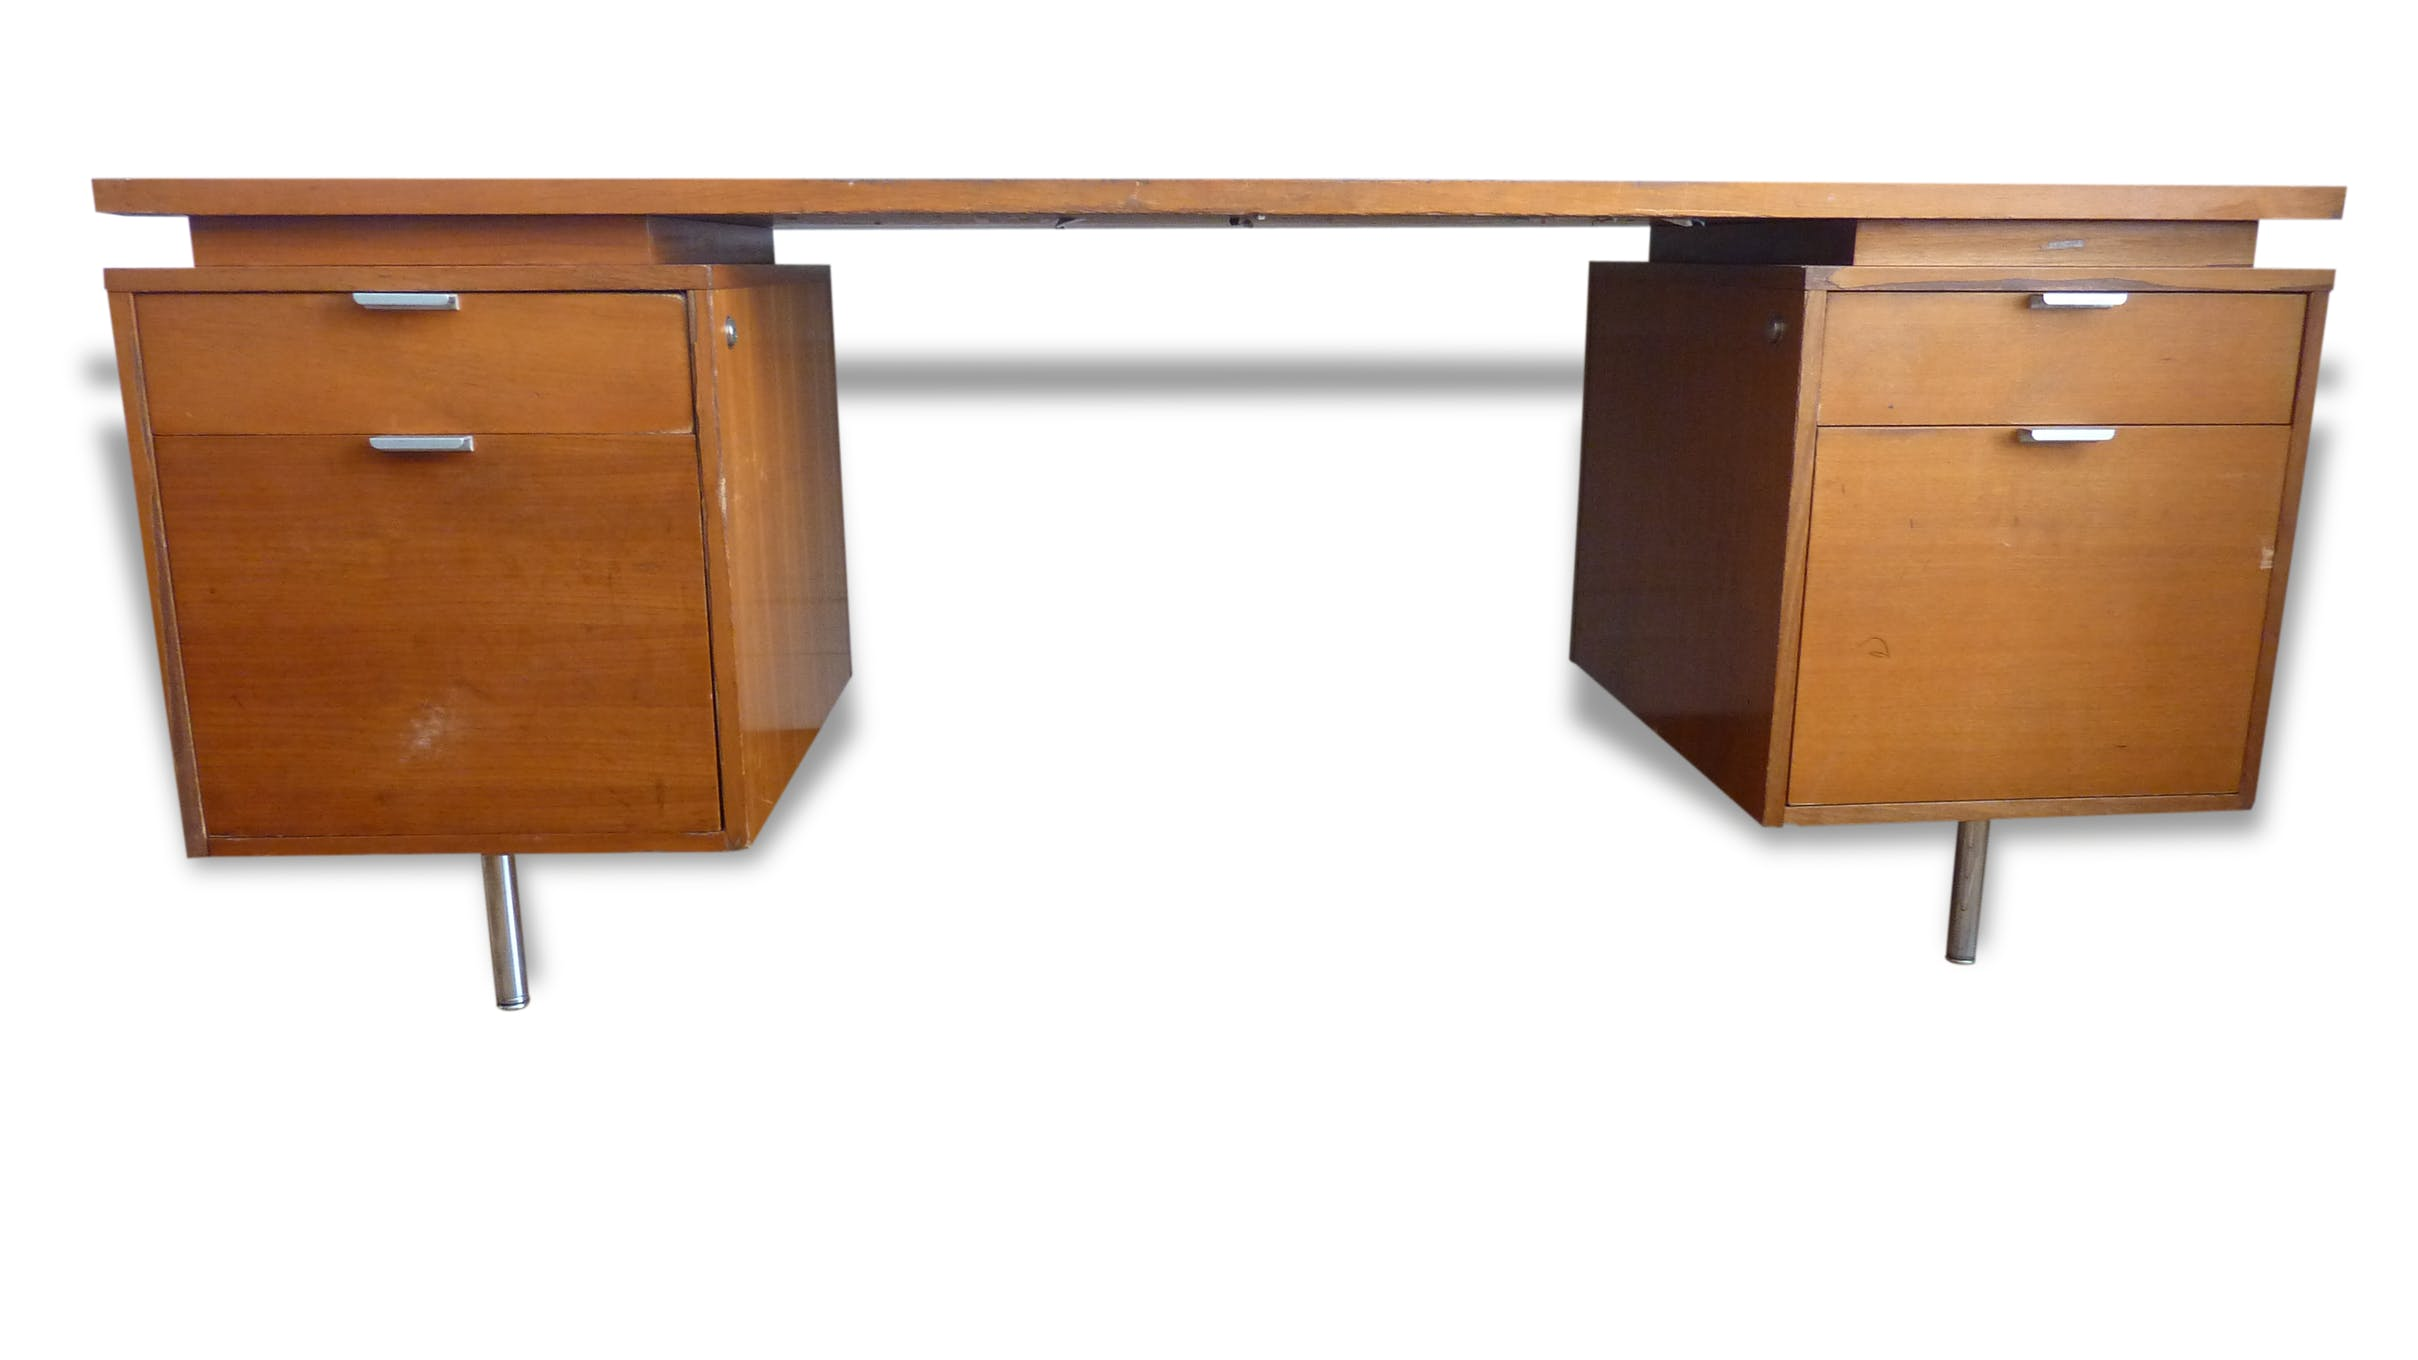 George nelson : meubles signés george nelson vintage doccasion